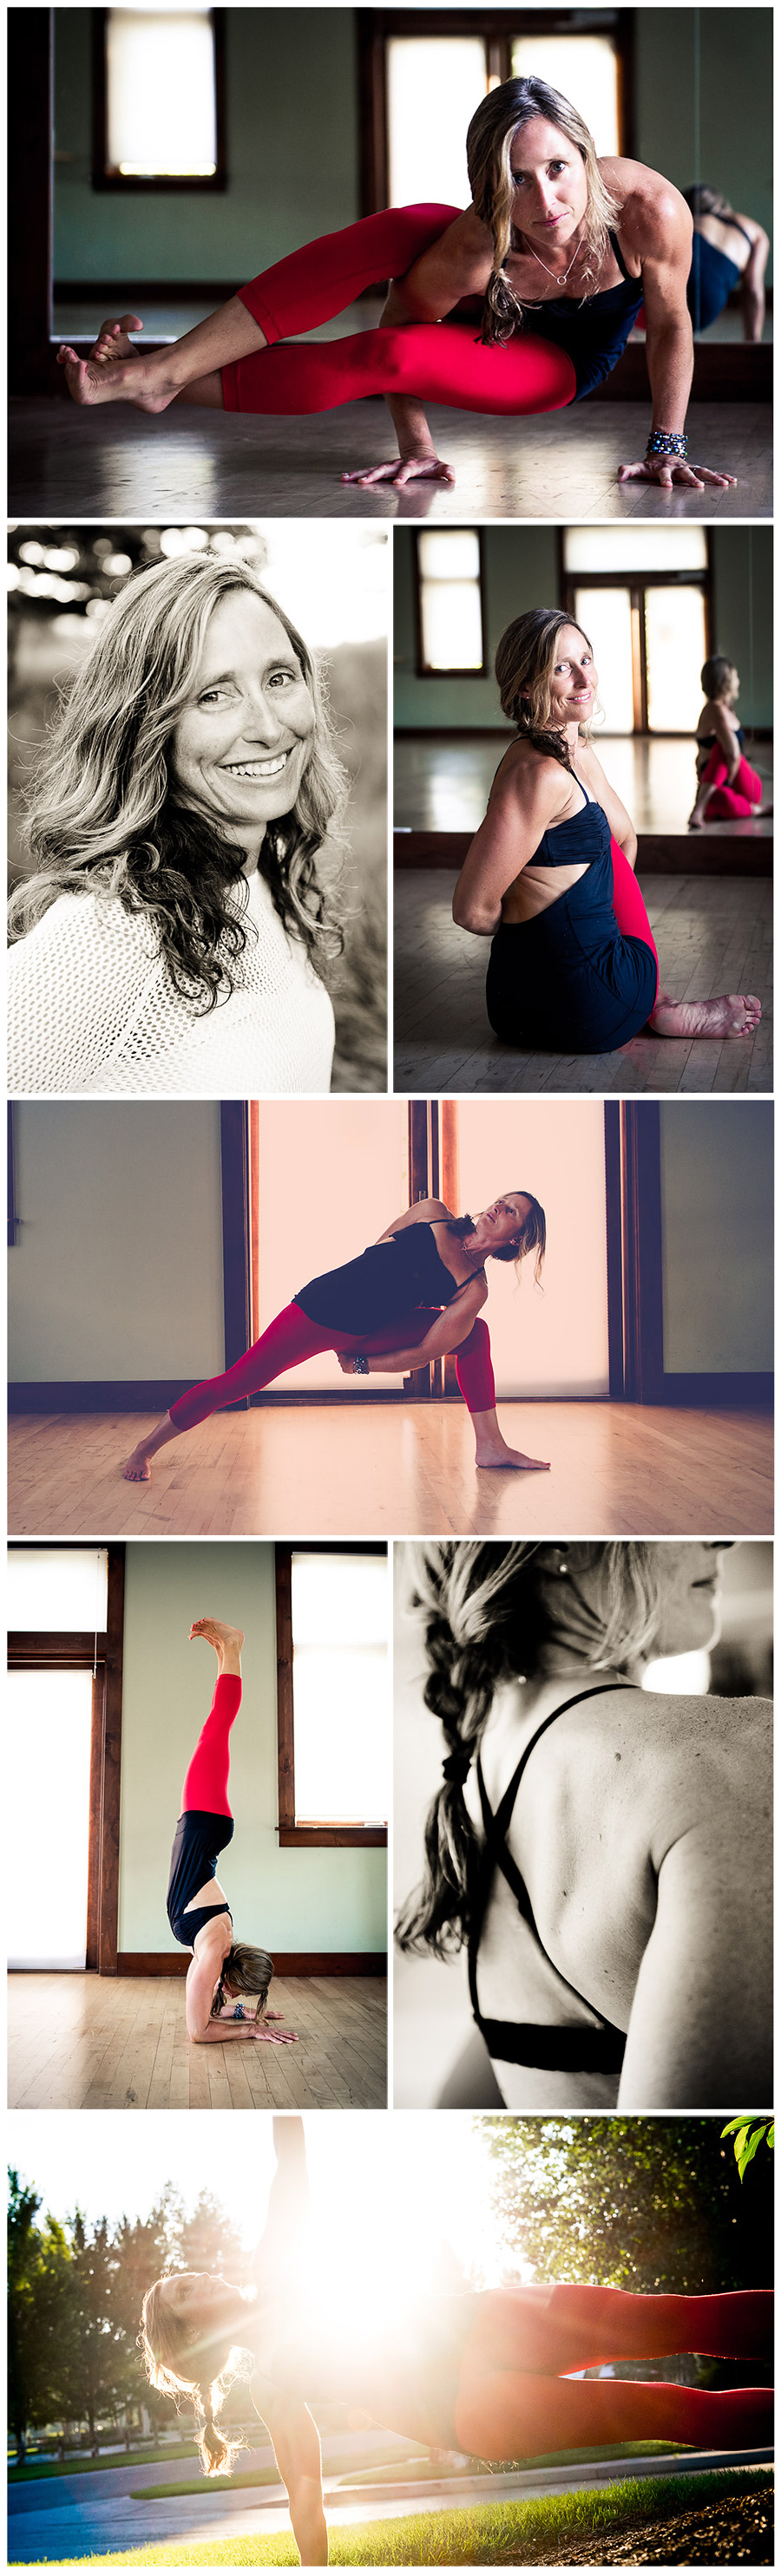 Yoga photos - Kallie collage